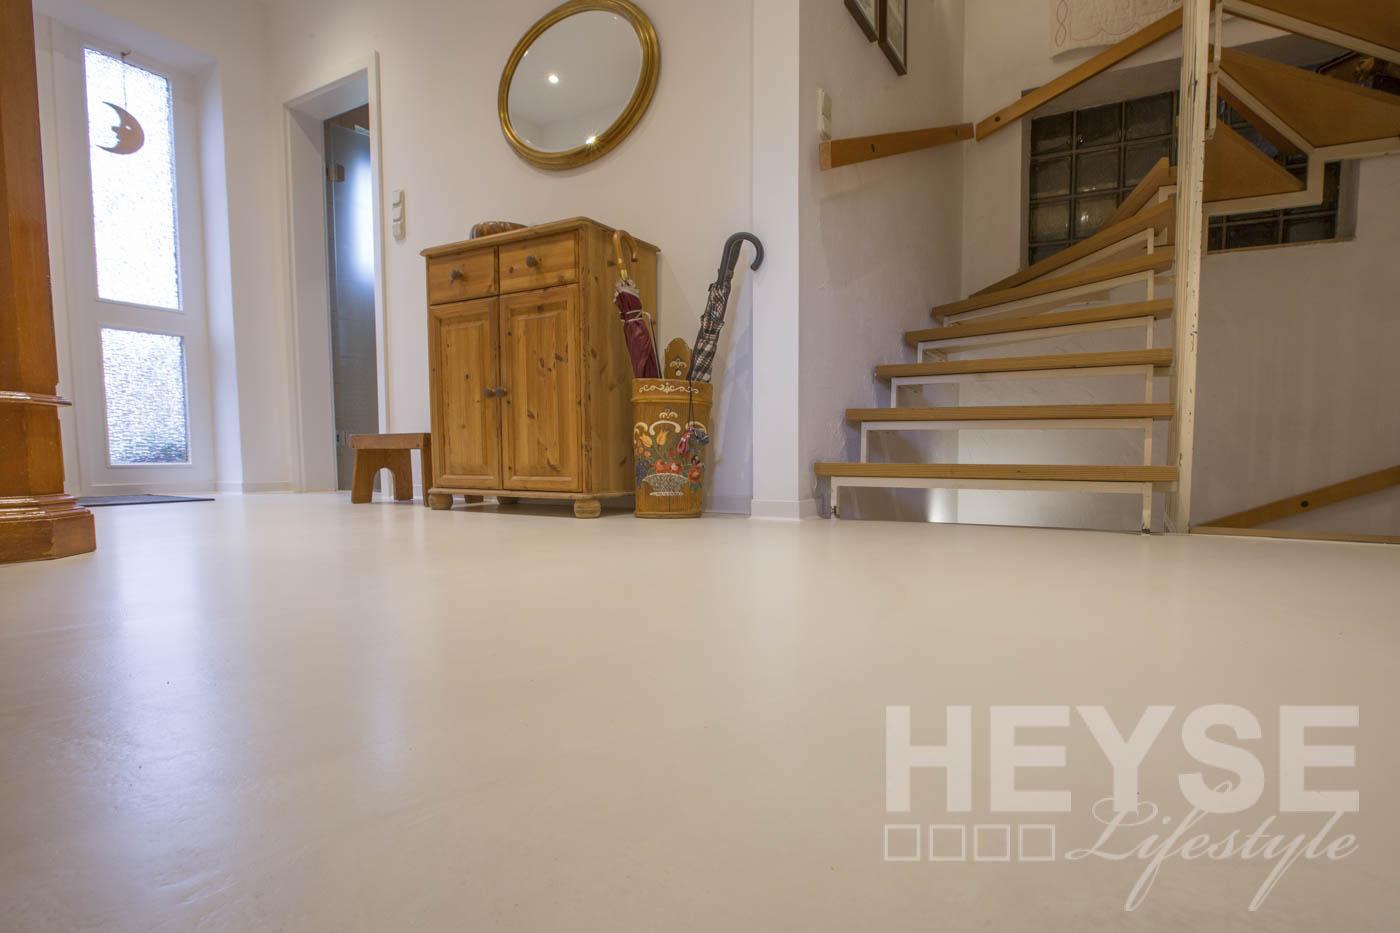 Fußboden Küche Betonoptik ~ Top referenz: designboden mit betonoptik u2013 glatte decken und wände